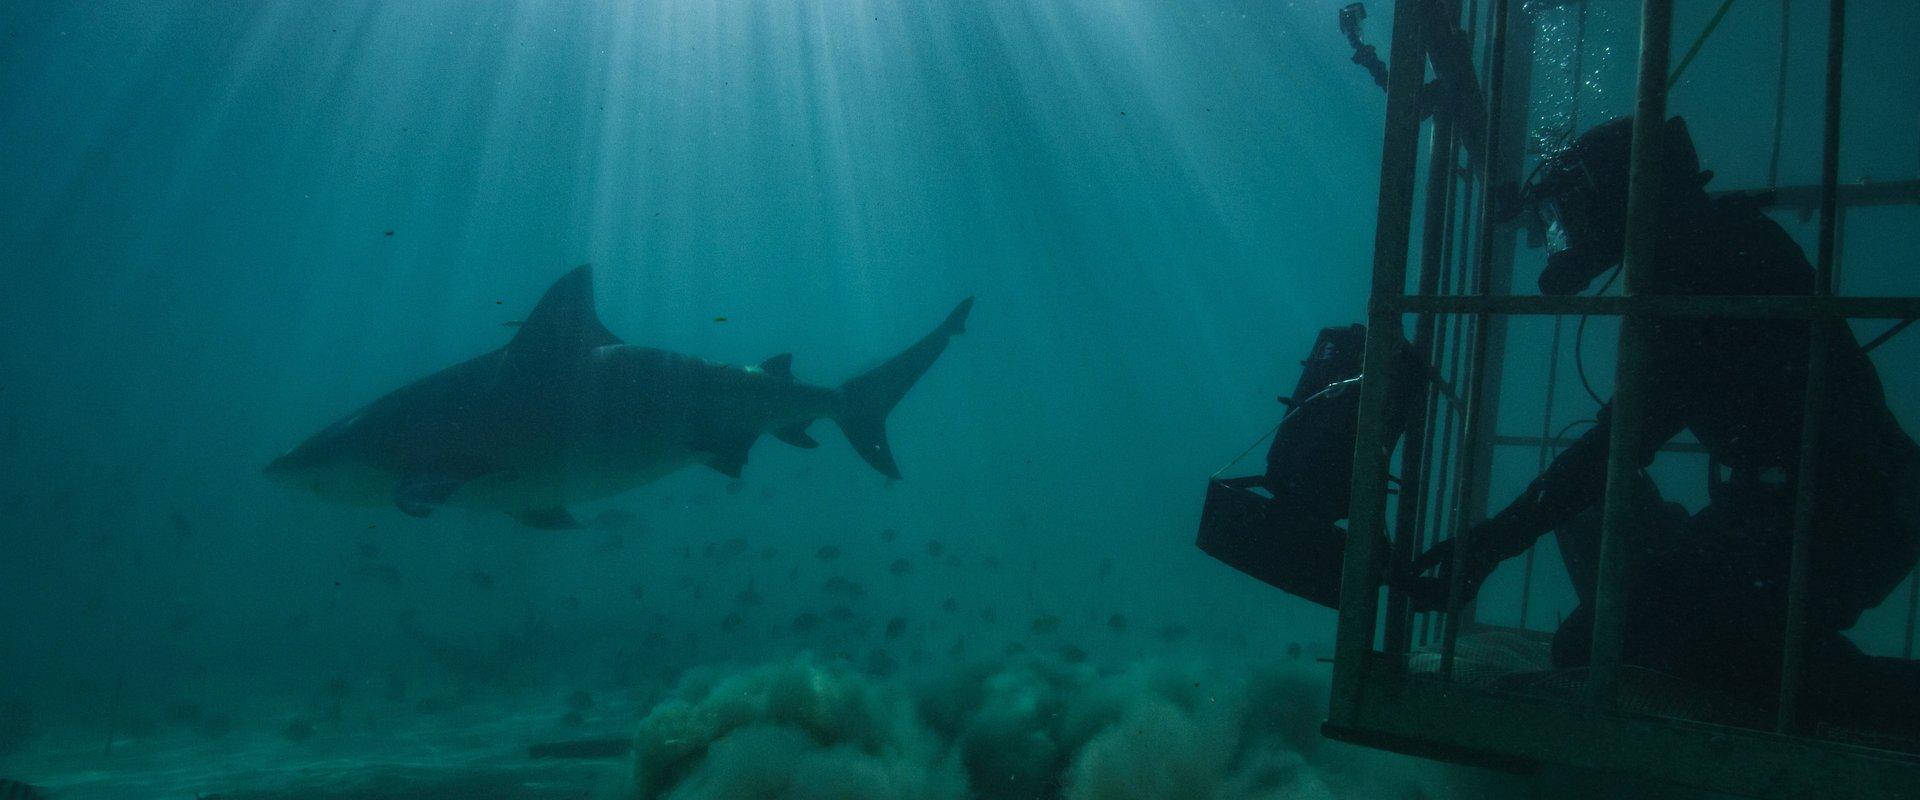 """O MÊS DE JULHO É DEDICADO AOS TUBARÕES COM O ESPECIAL """"SHARKFEST"""" NO NATIONAL GEOGRAPHIC WILD"""